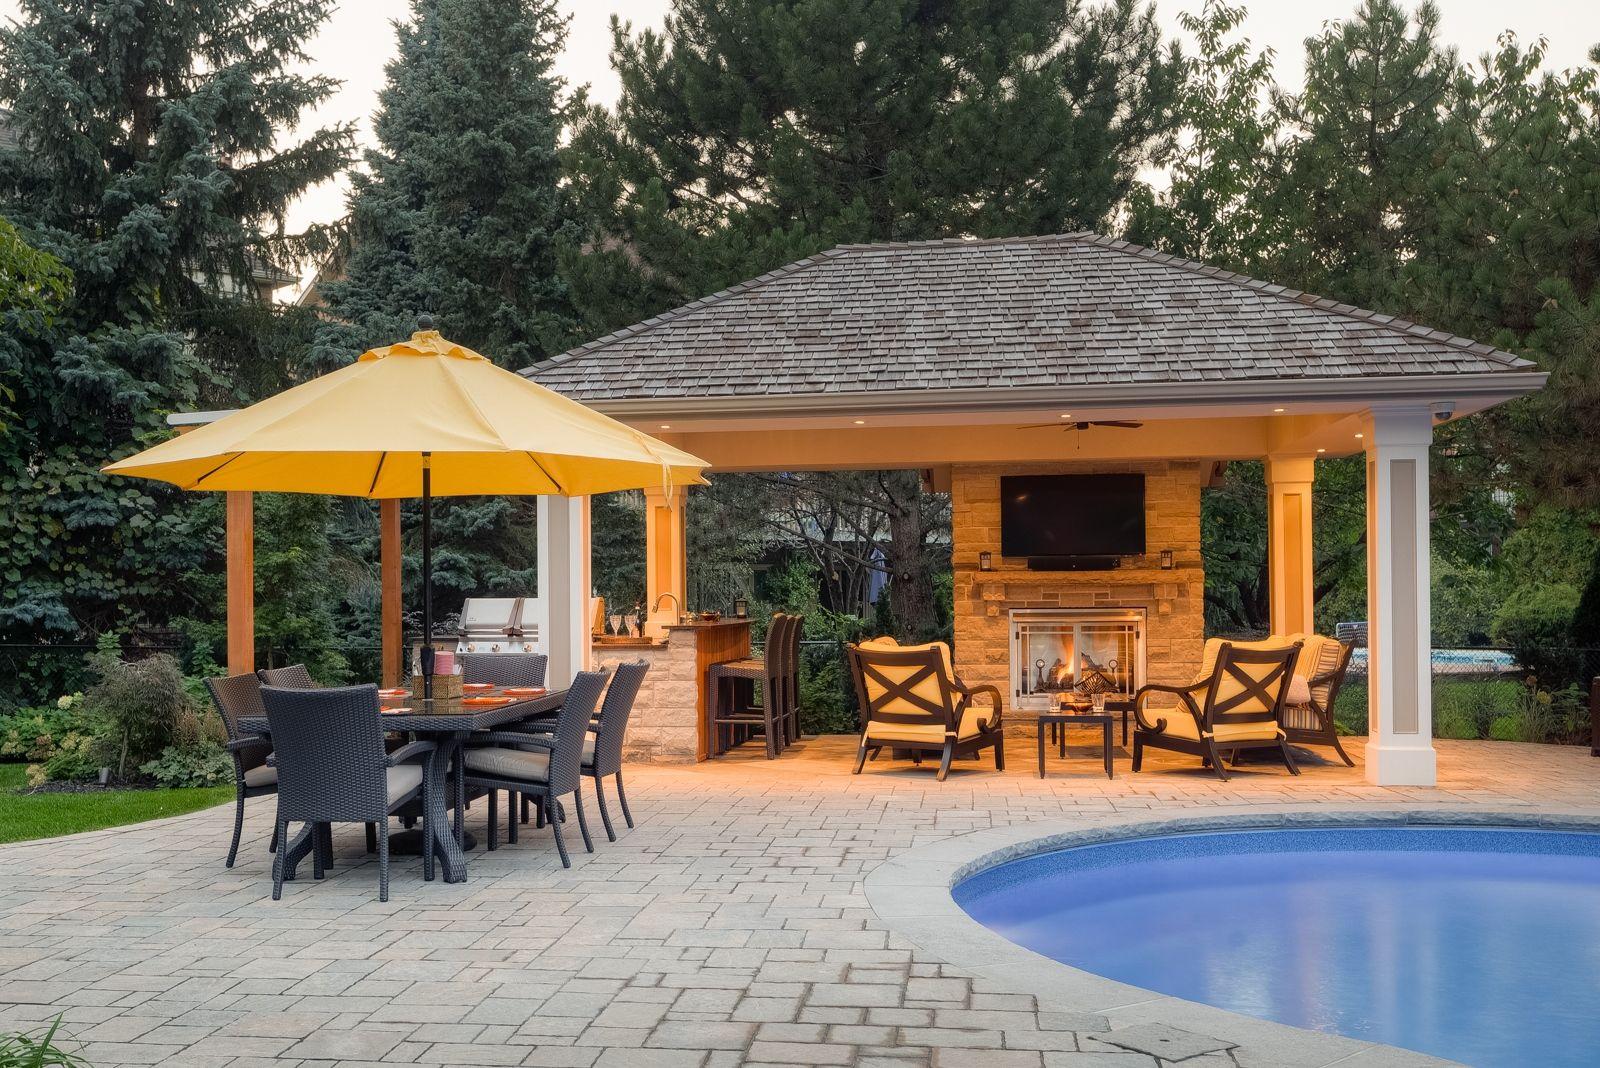 Cabana designs landscape design build cabanas and pool for Cabana designs